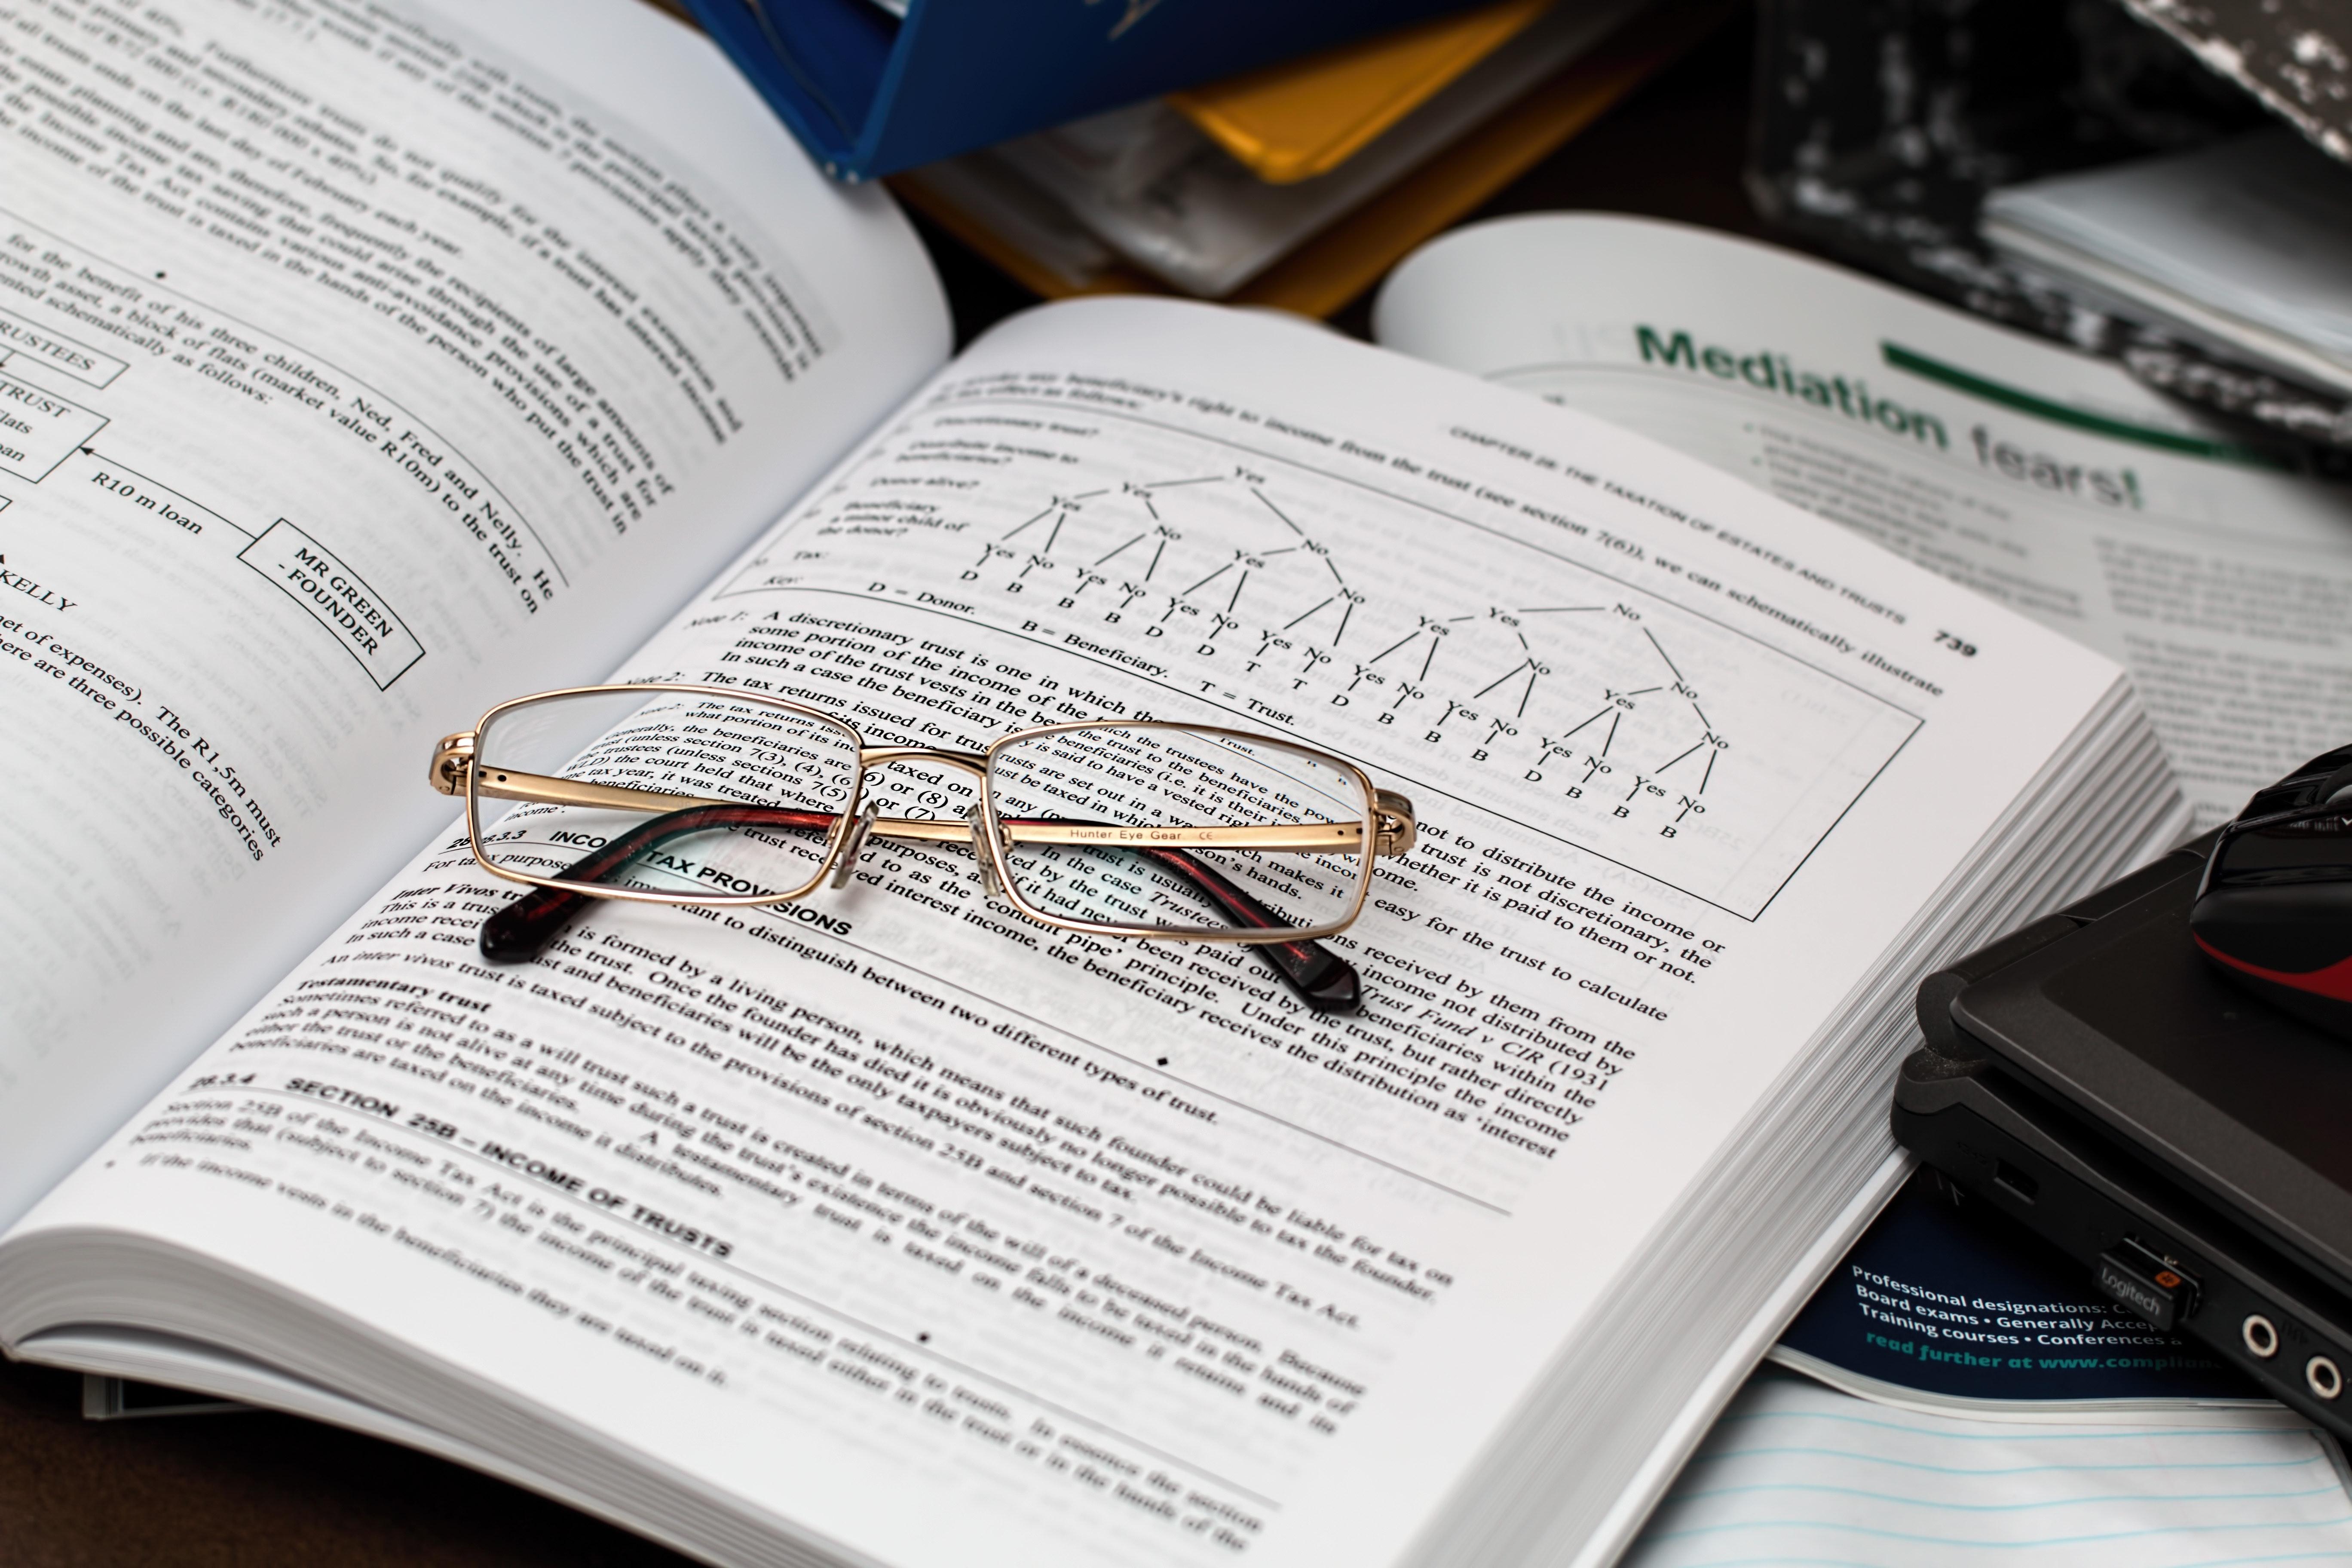 Proces uczenia się przezcałe życie wyzwaniem dla szkolnictwa wyższego